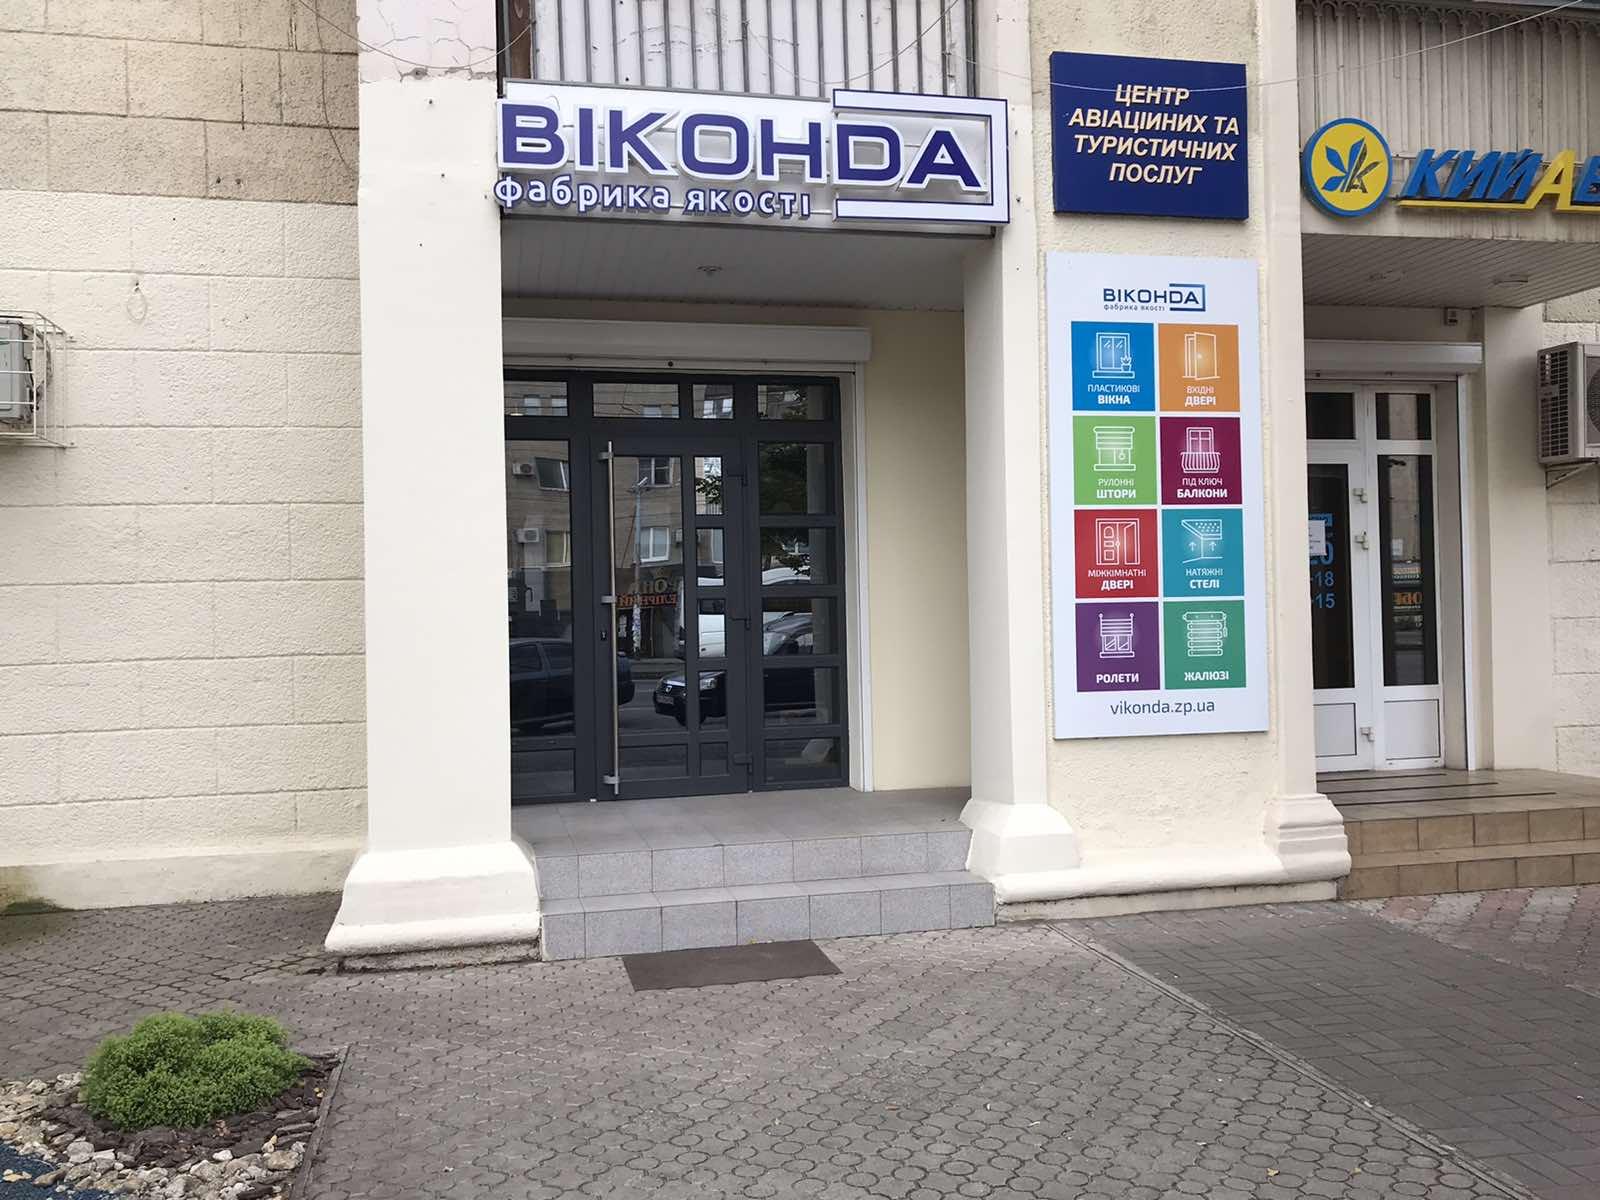 салон Віконда у Запоріжжі